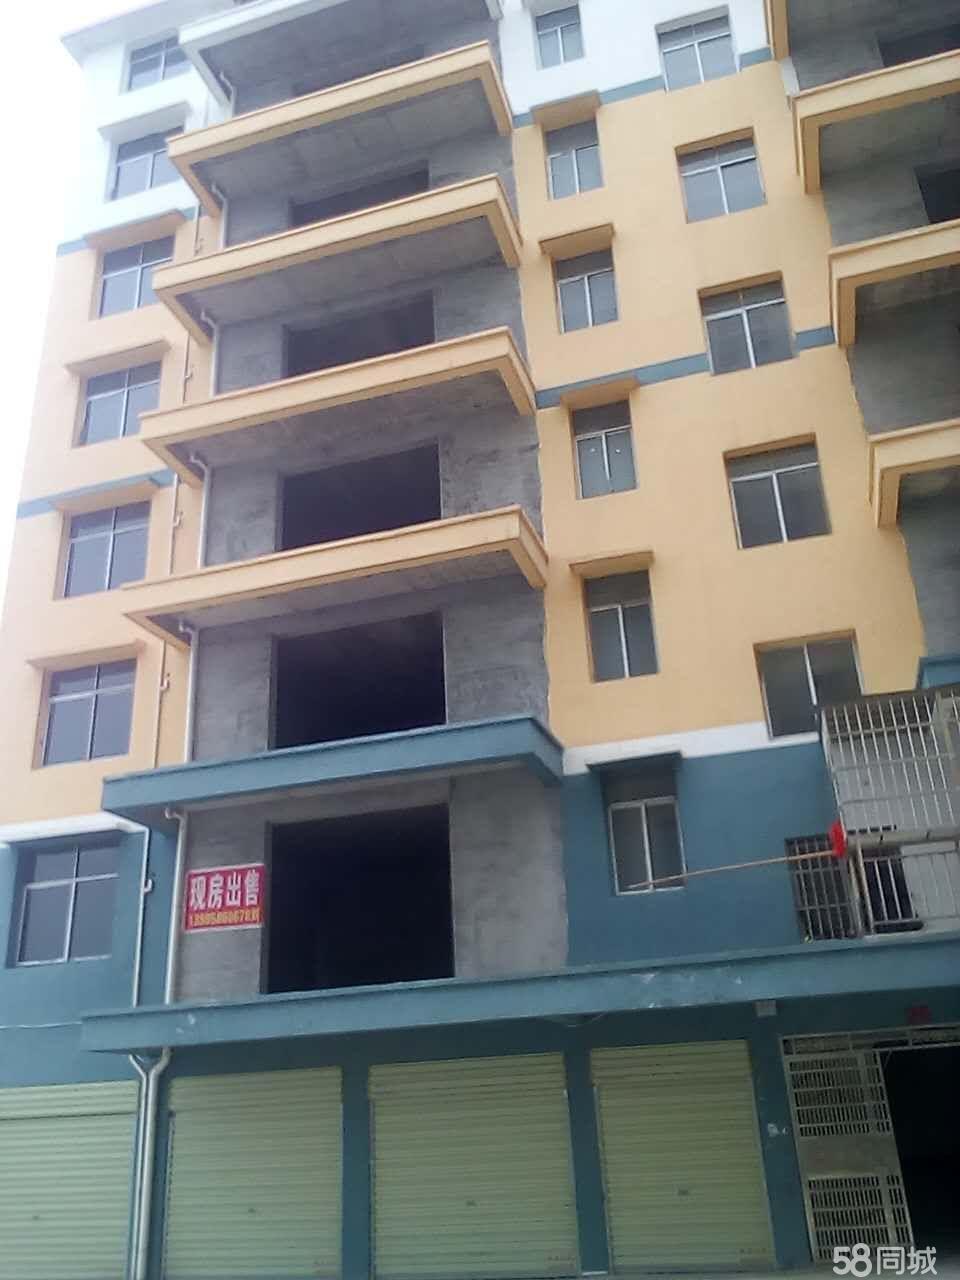 大悟县开发区刘湾新村还建房3室2厅2卫